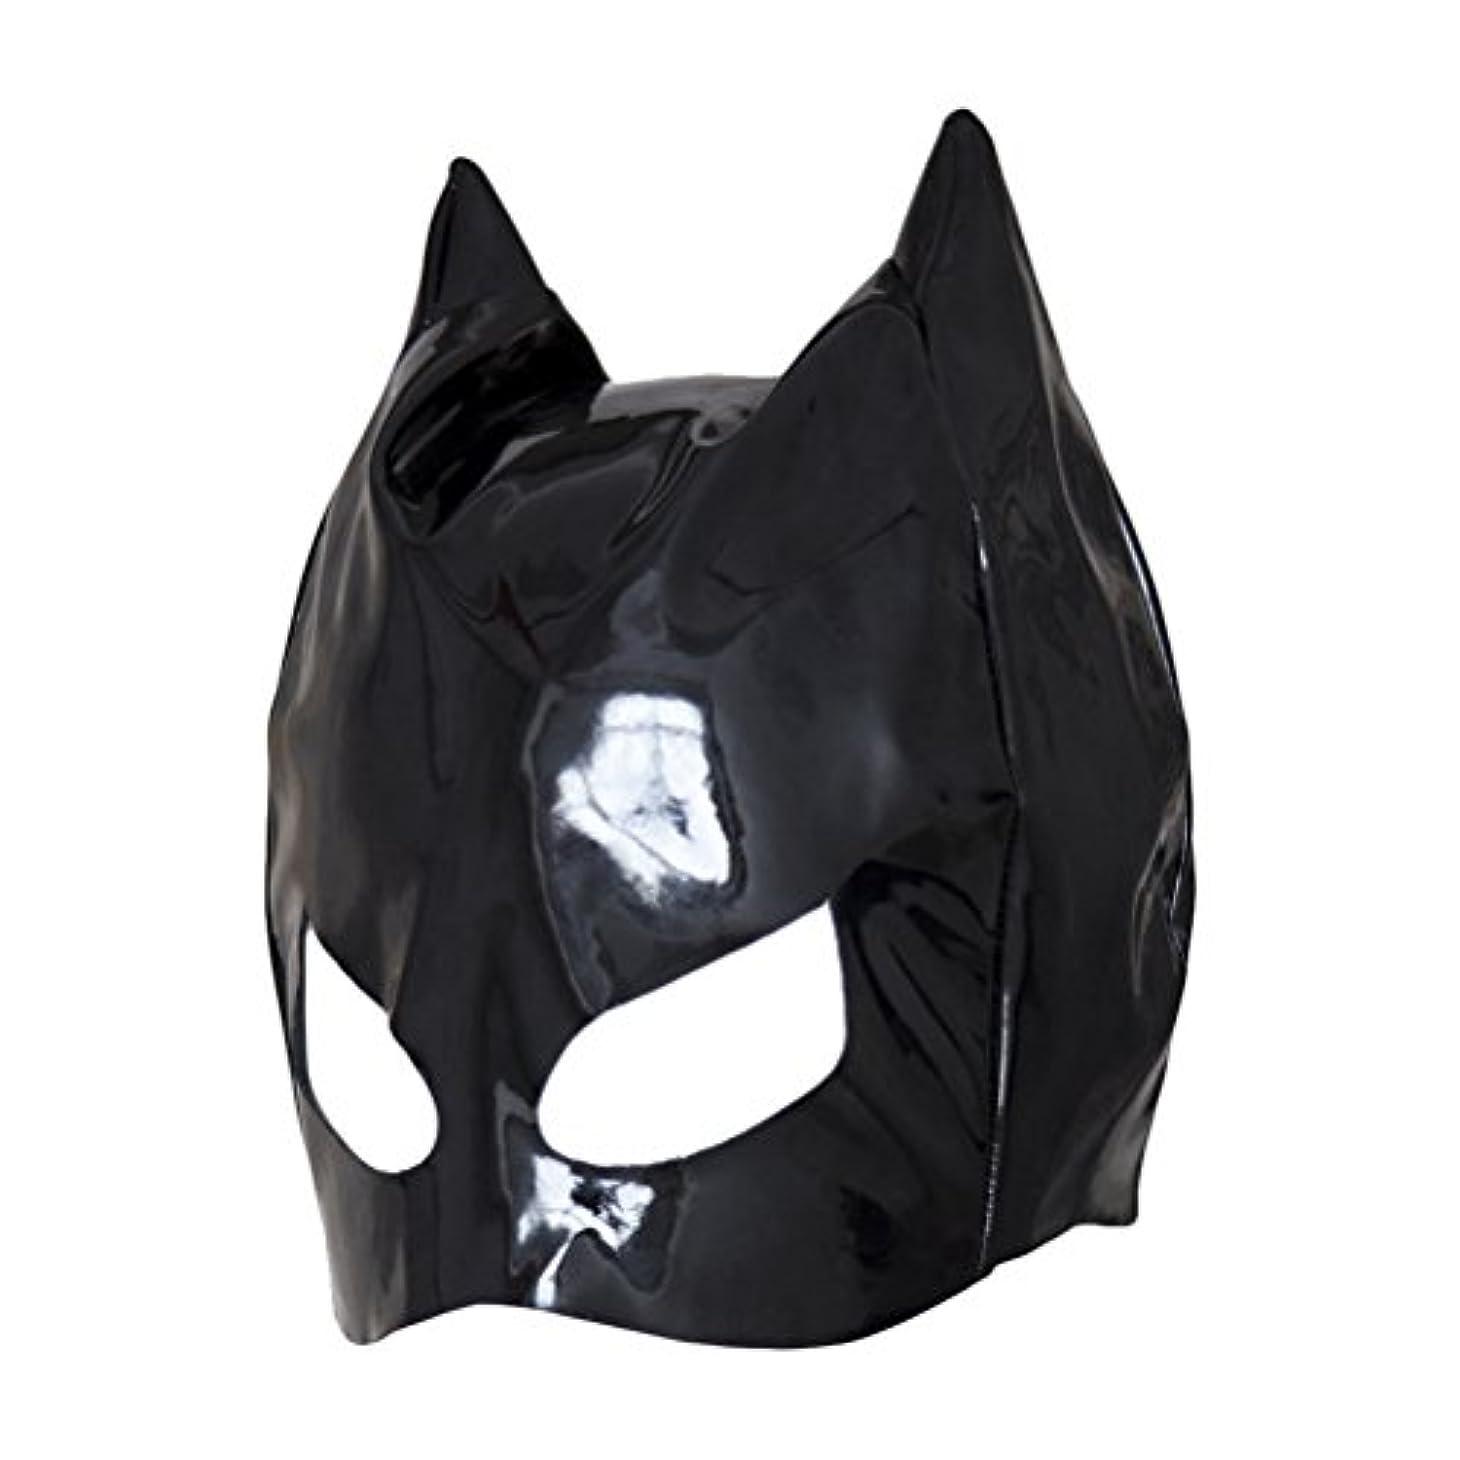 思慮のない餌重なるHealifty 全頭マスク フェイスカバー オープンアイズ PUレザーフード コスプレ 衣装帽子 ユニセックス (ブラック)